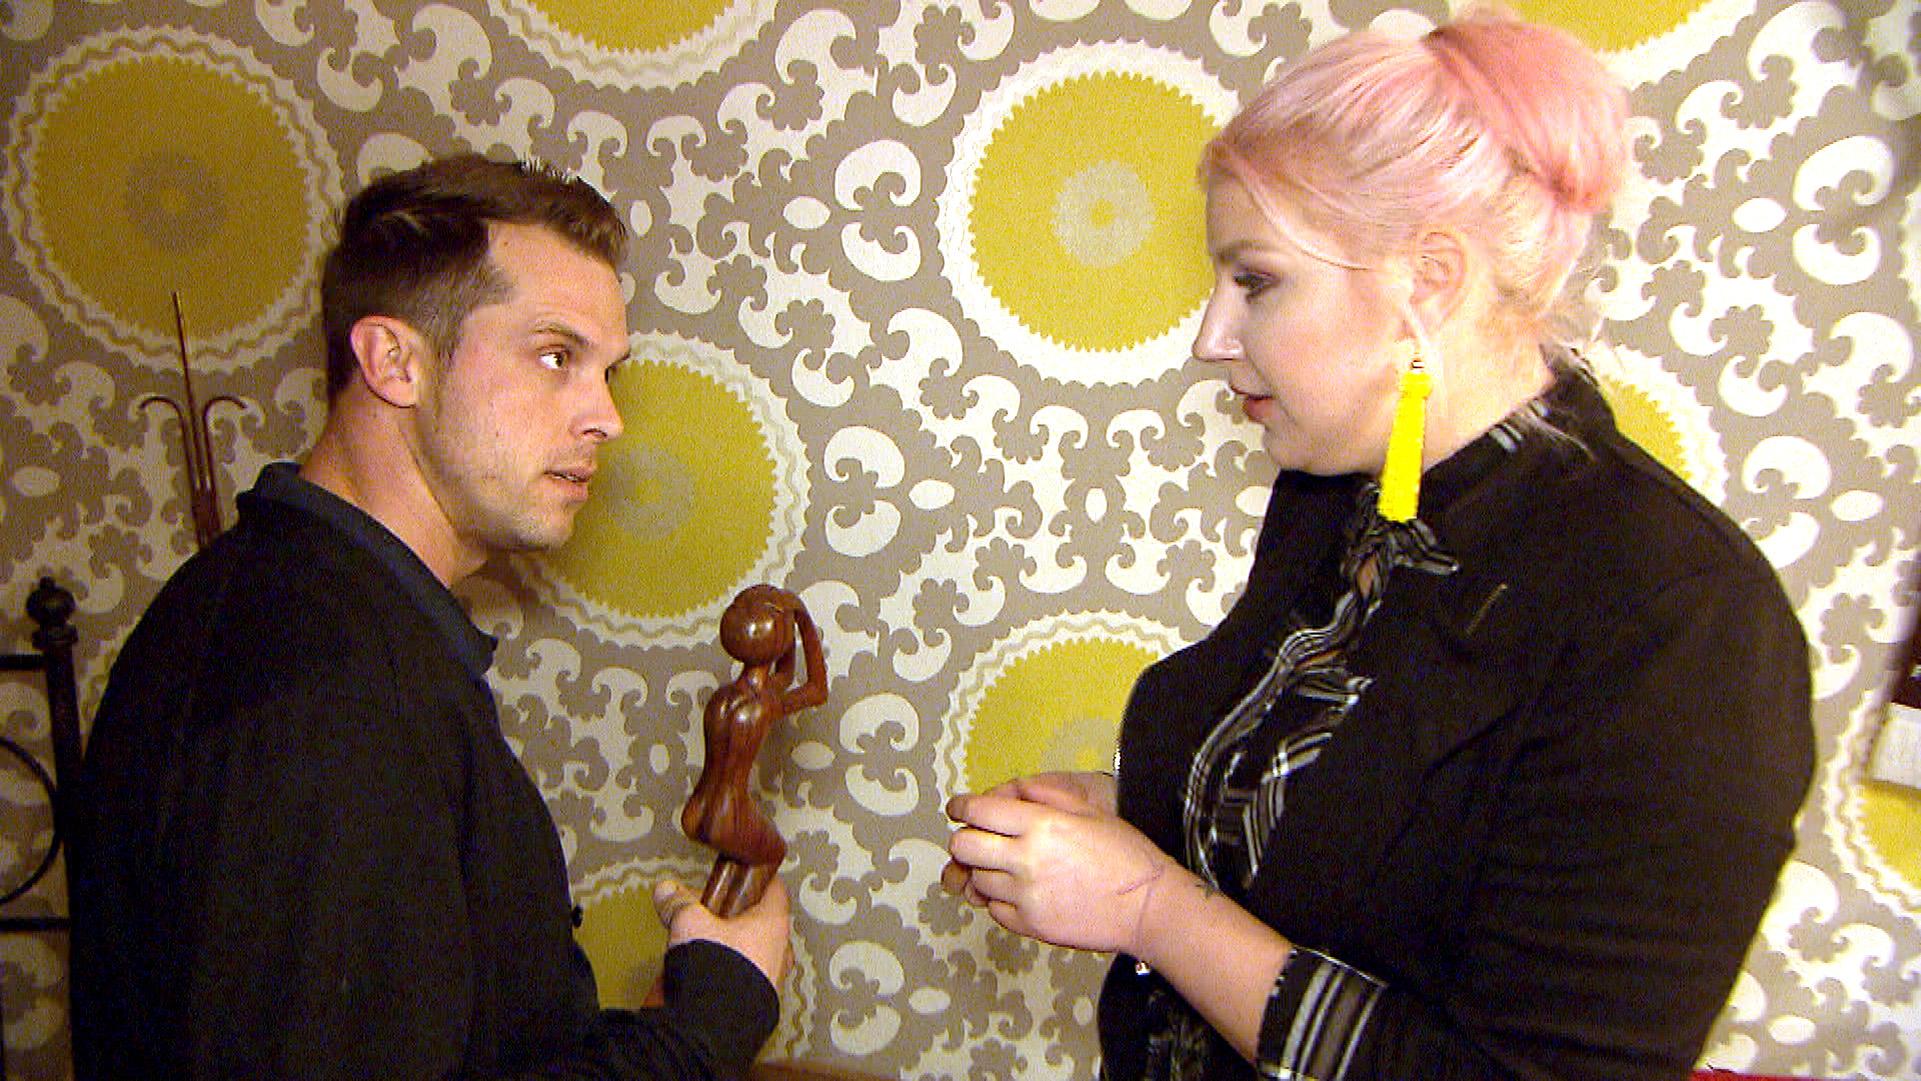 Basti und Paula sind sich über den Deko-Gegenstand uneinig (Quelle: RTL 2)